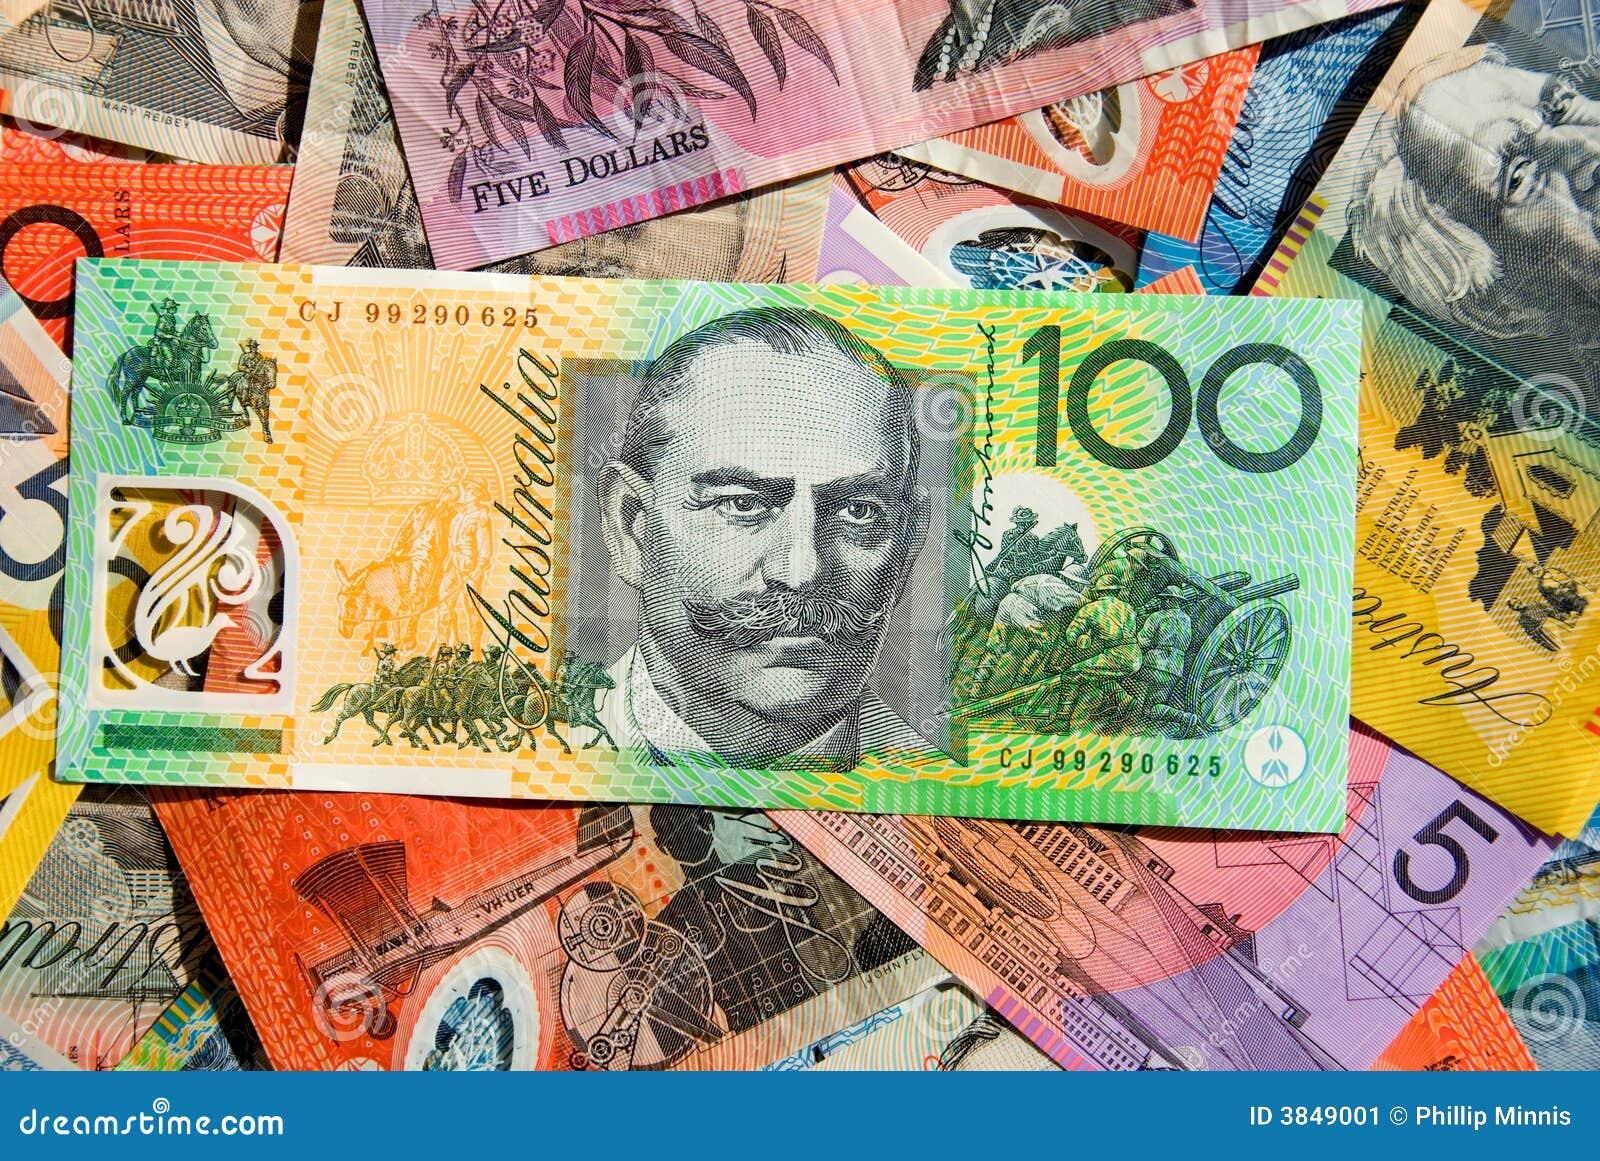 Valuta australiana